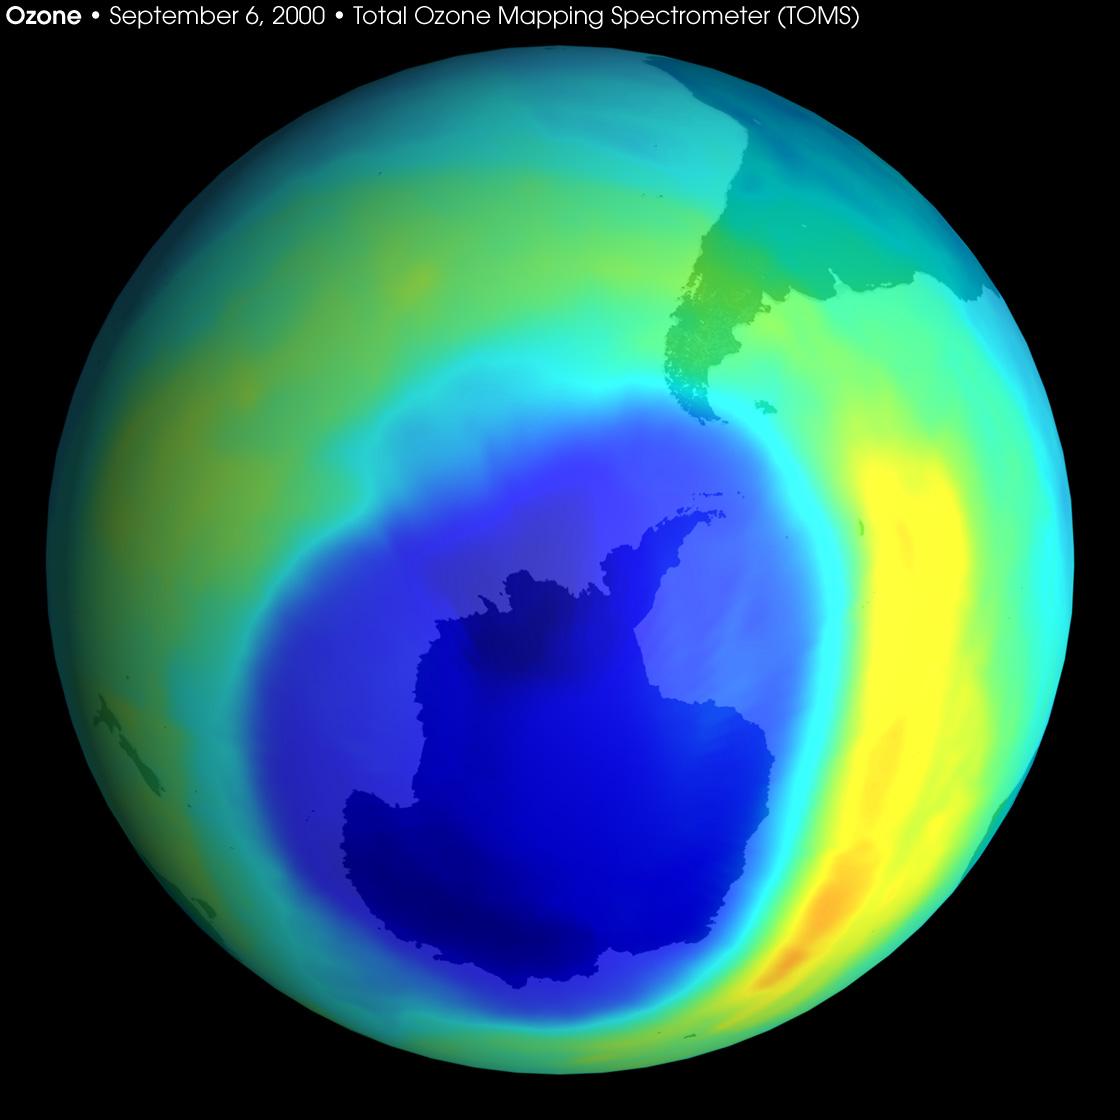 ozone from earth nasa - photo #2